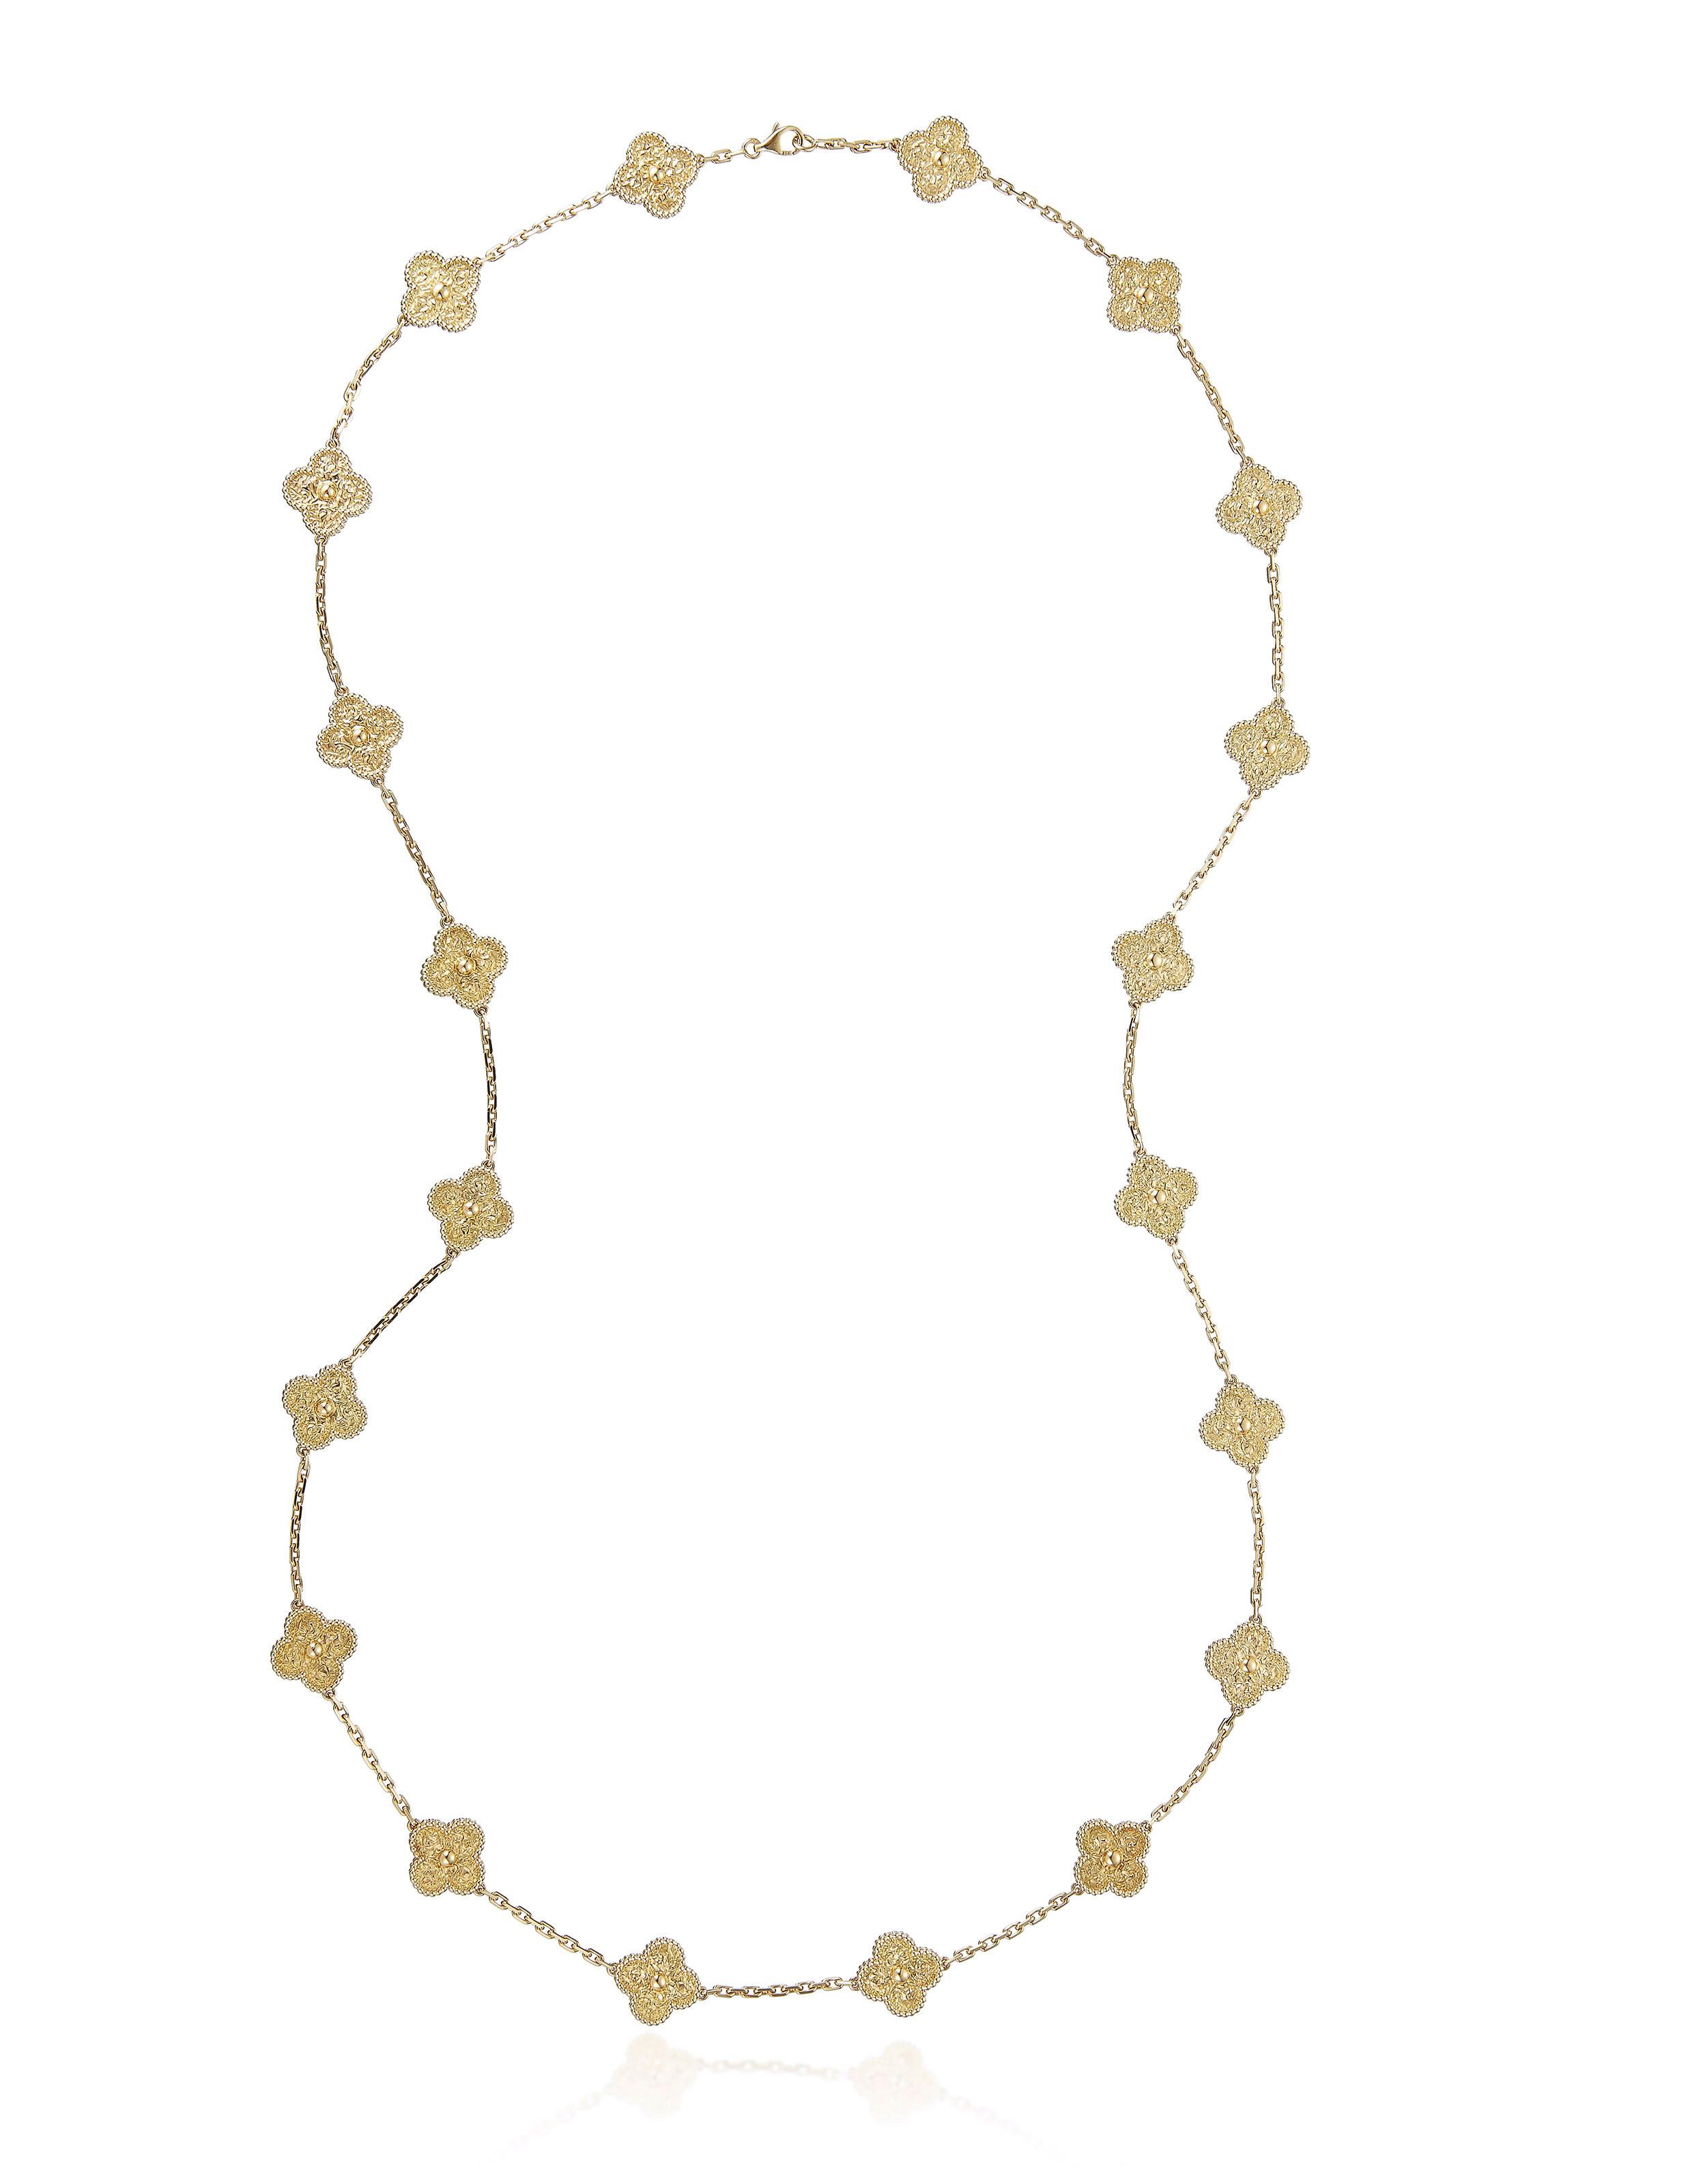 黃金「Vintage Alhambra」長項鏈,梵克雅寶設計。估價:8,000-12,000美元。此拍品於2019年2月6至14日在佳士得珠寶網上拍賣中呈獻。